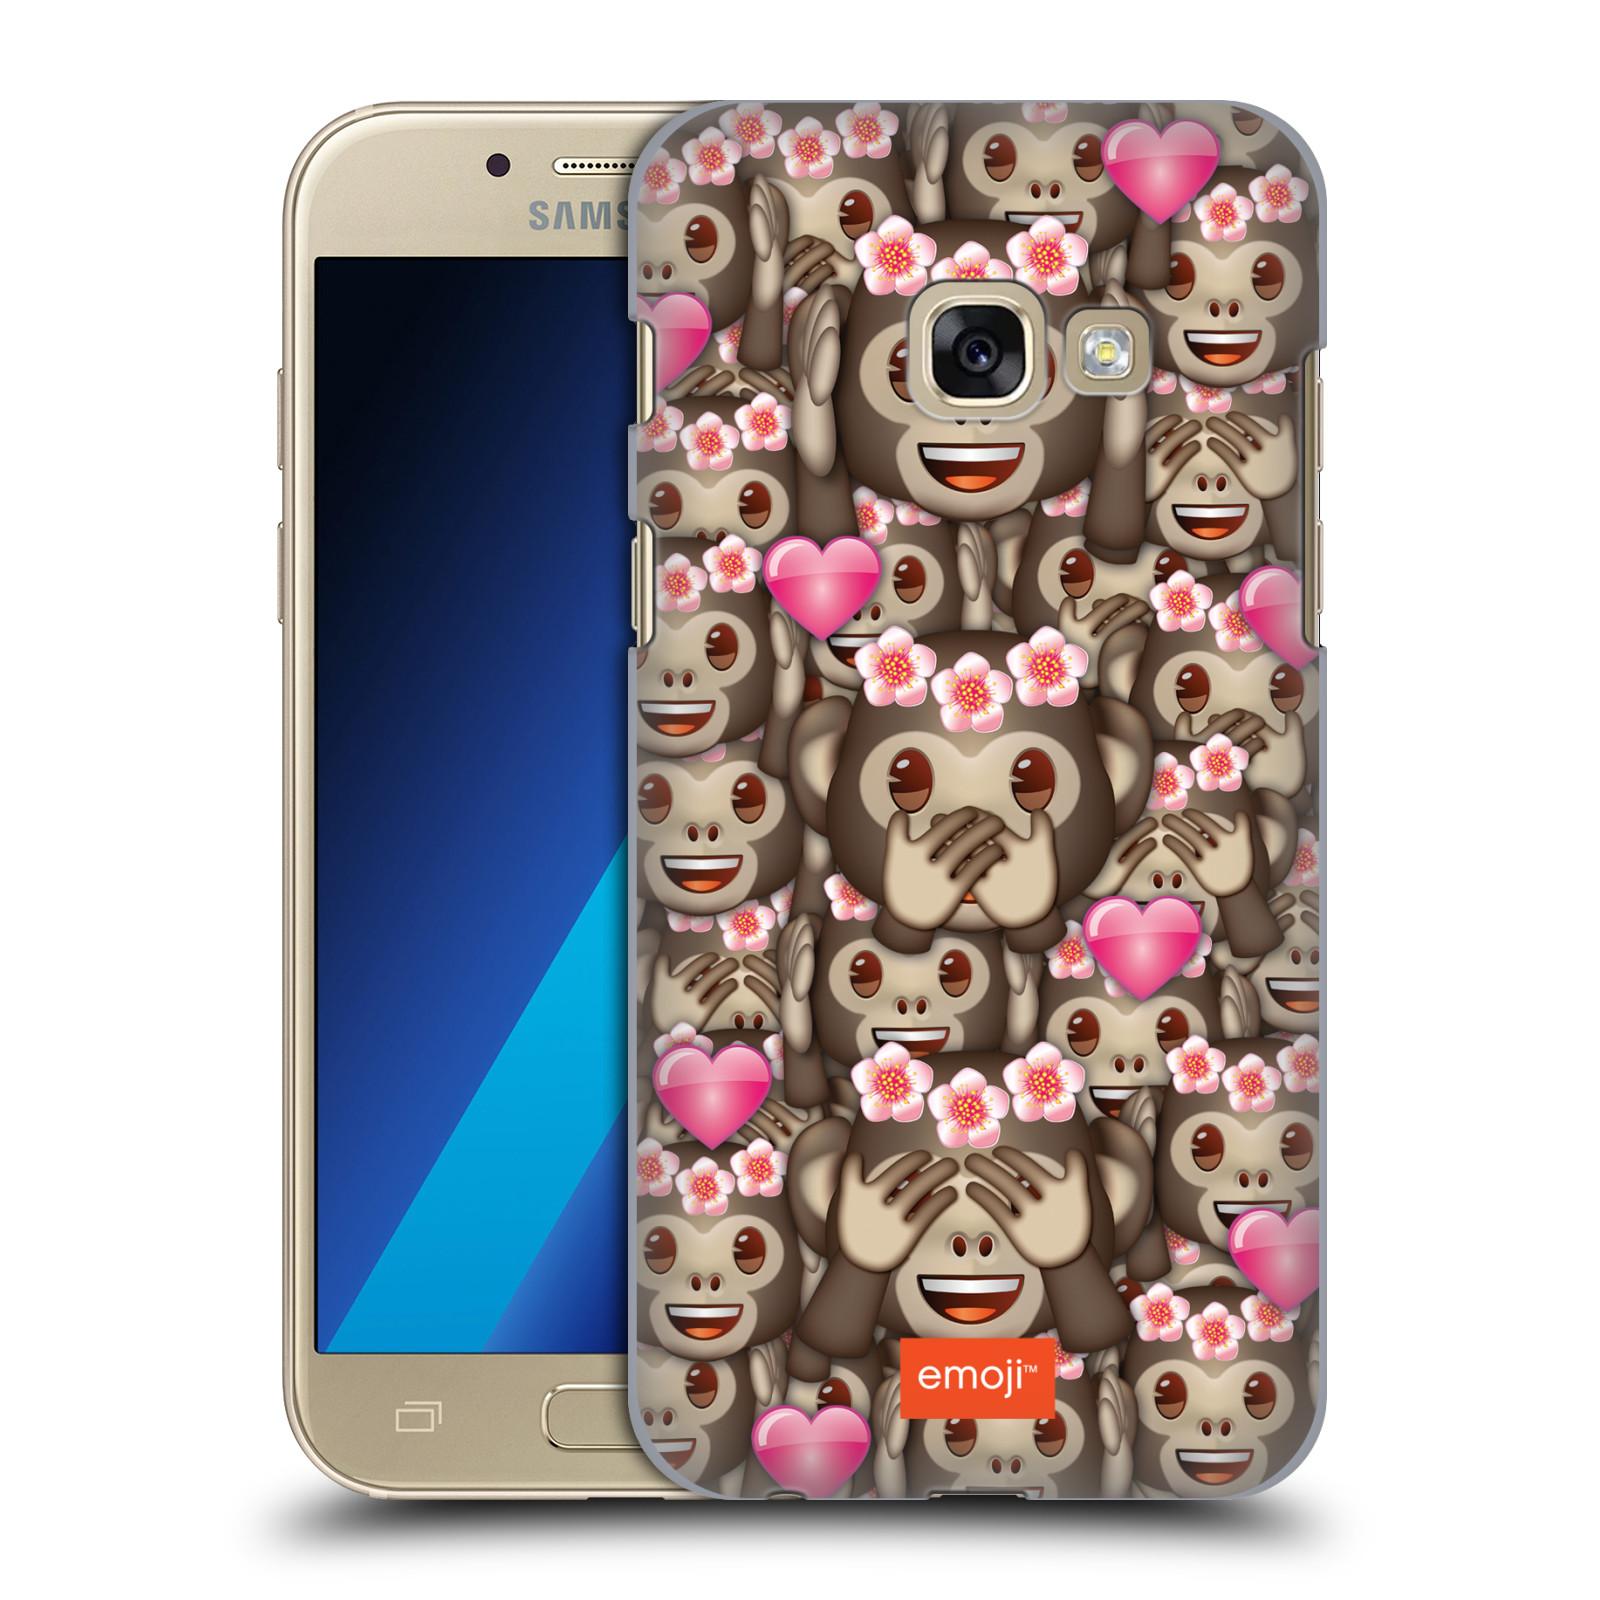 Plastové pouzdro na mobil Samsung Galaxy A3 (2017) HEAD CASE EMOJI - Opičky, srdíčka a kytičky